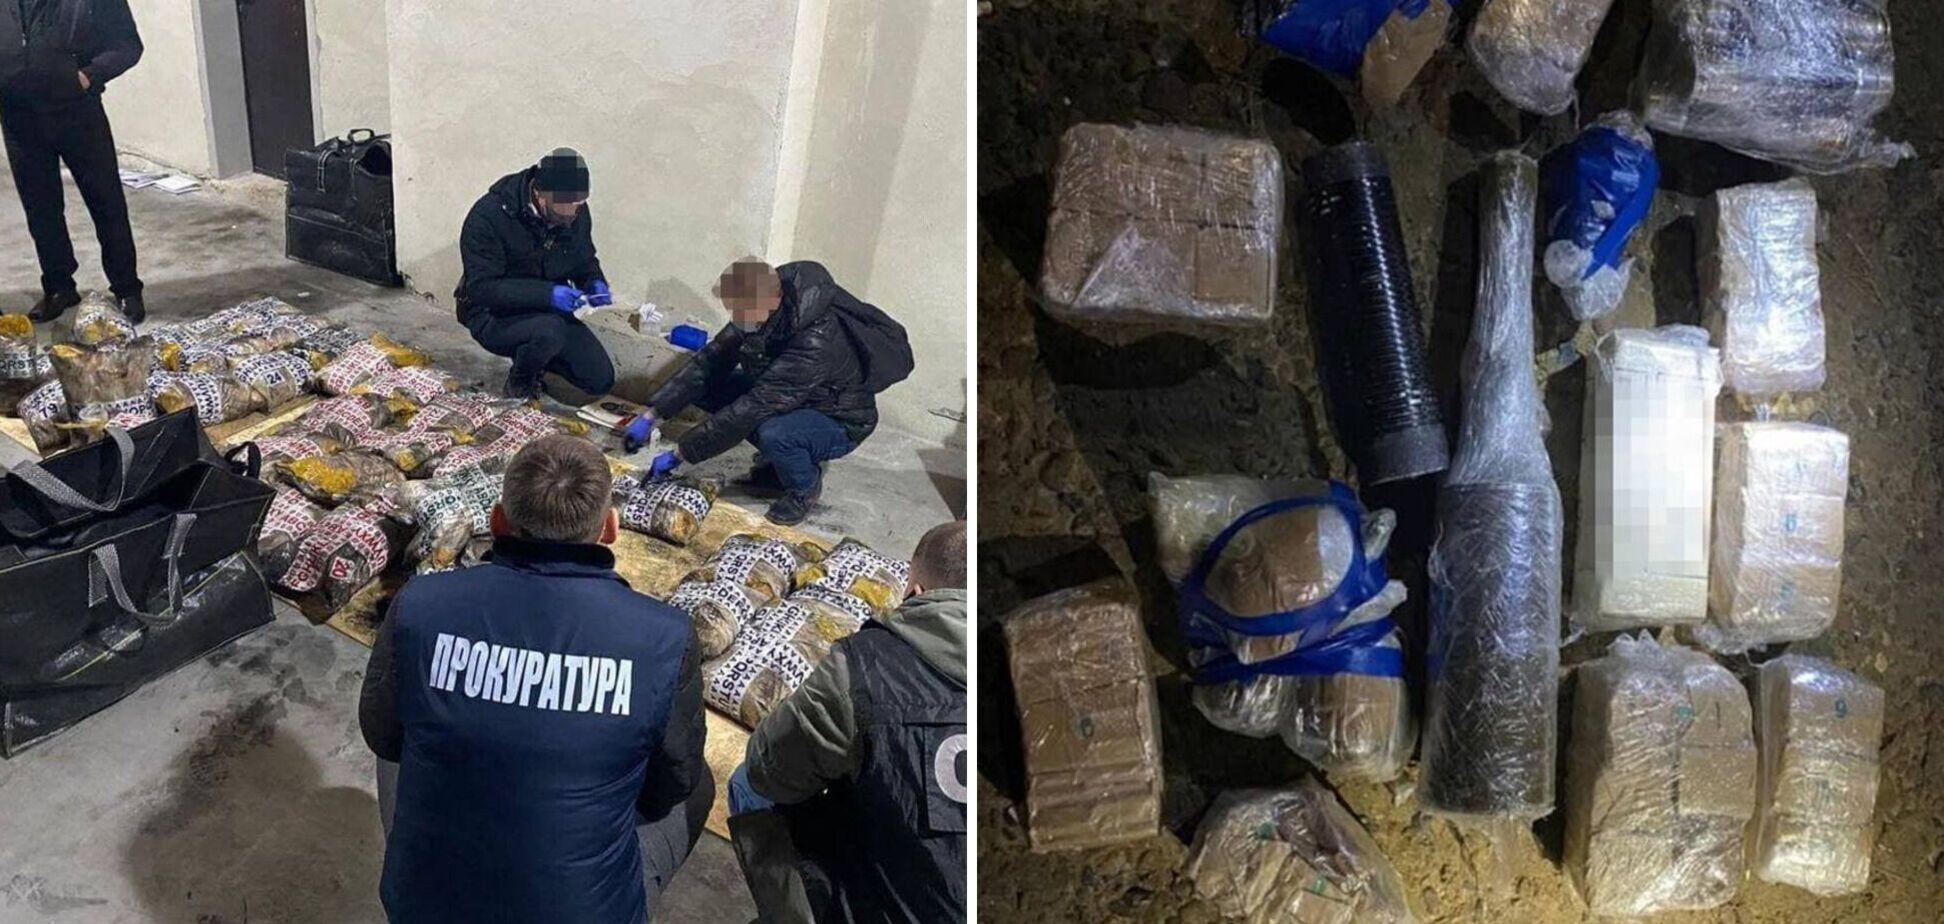 Кокаин в бананах и под видом партии риса: резонансные разоблачения и задержания СБУ в июне